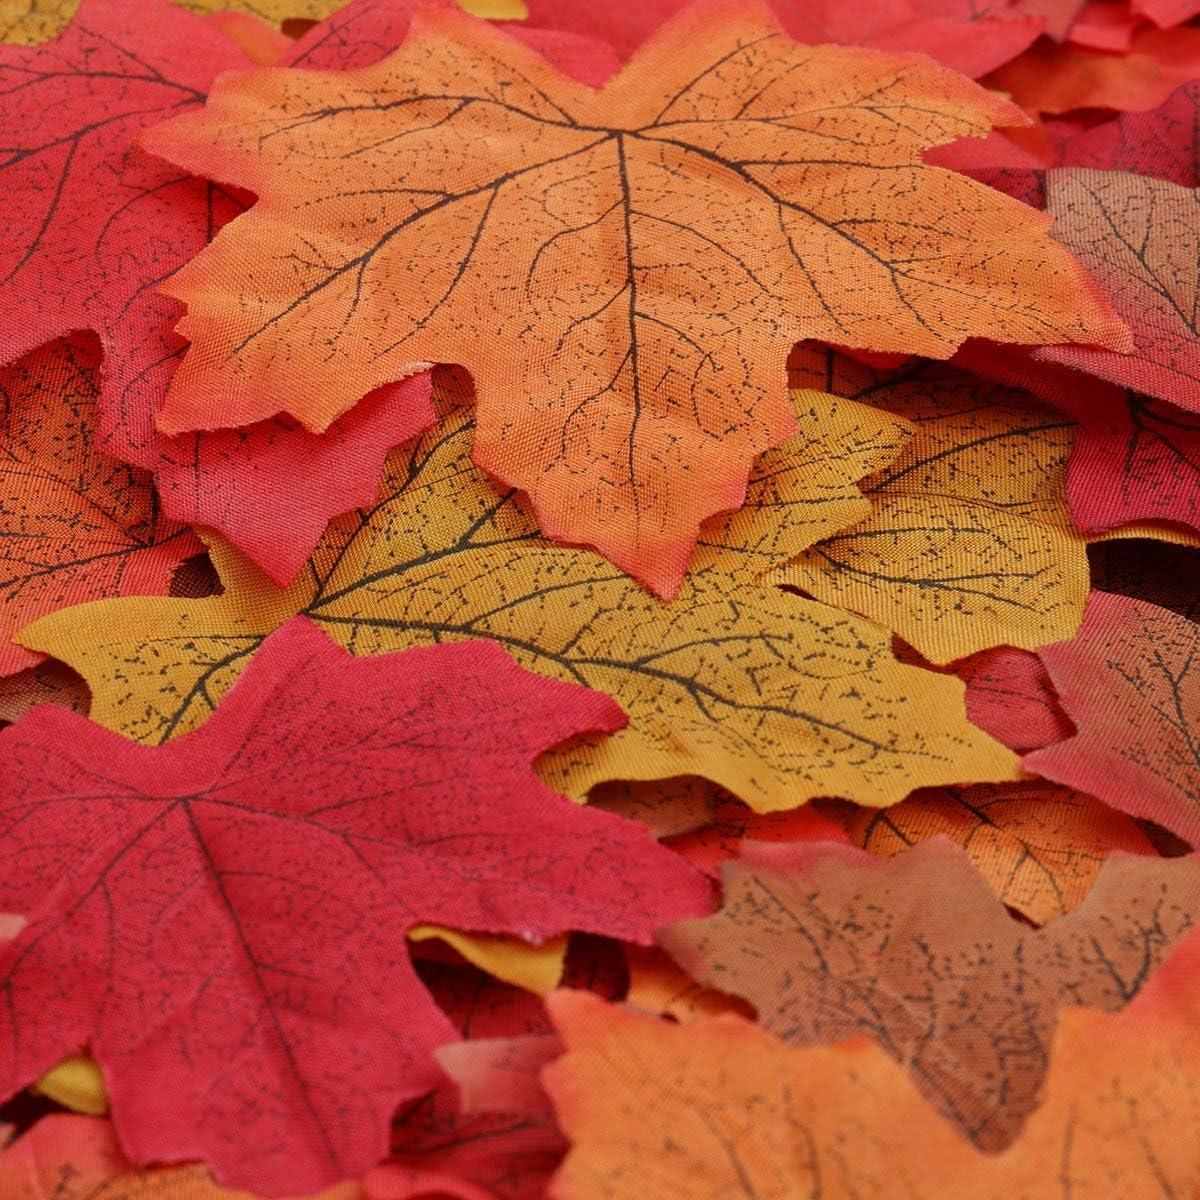 100 Ahorn Laub Blätter Blatt 8x8cm Künstliche Pflanzen Blumen Herbst Deko Streu